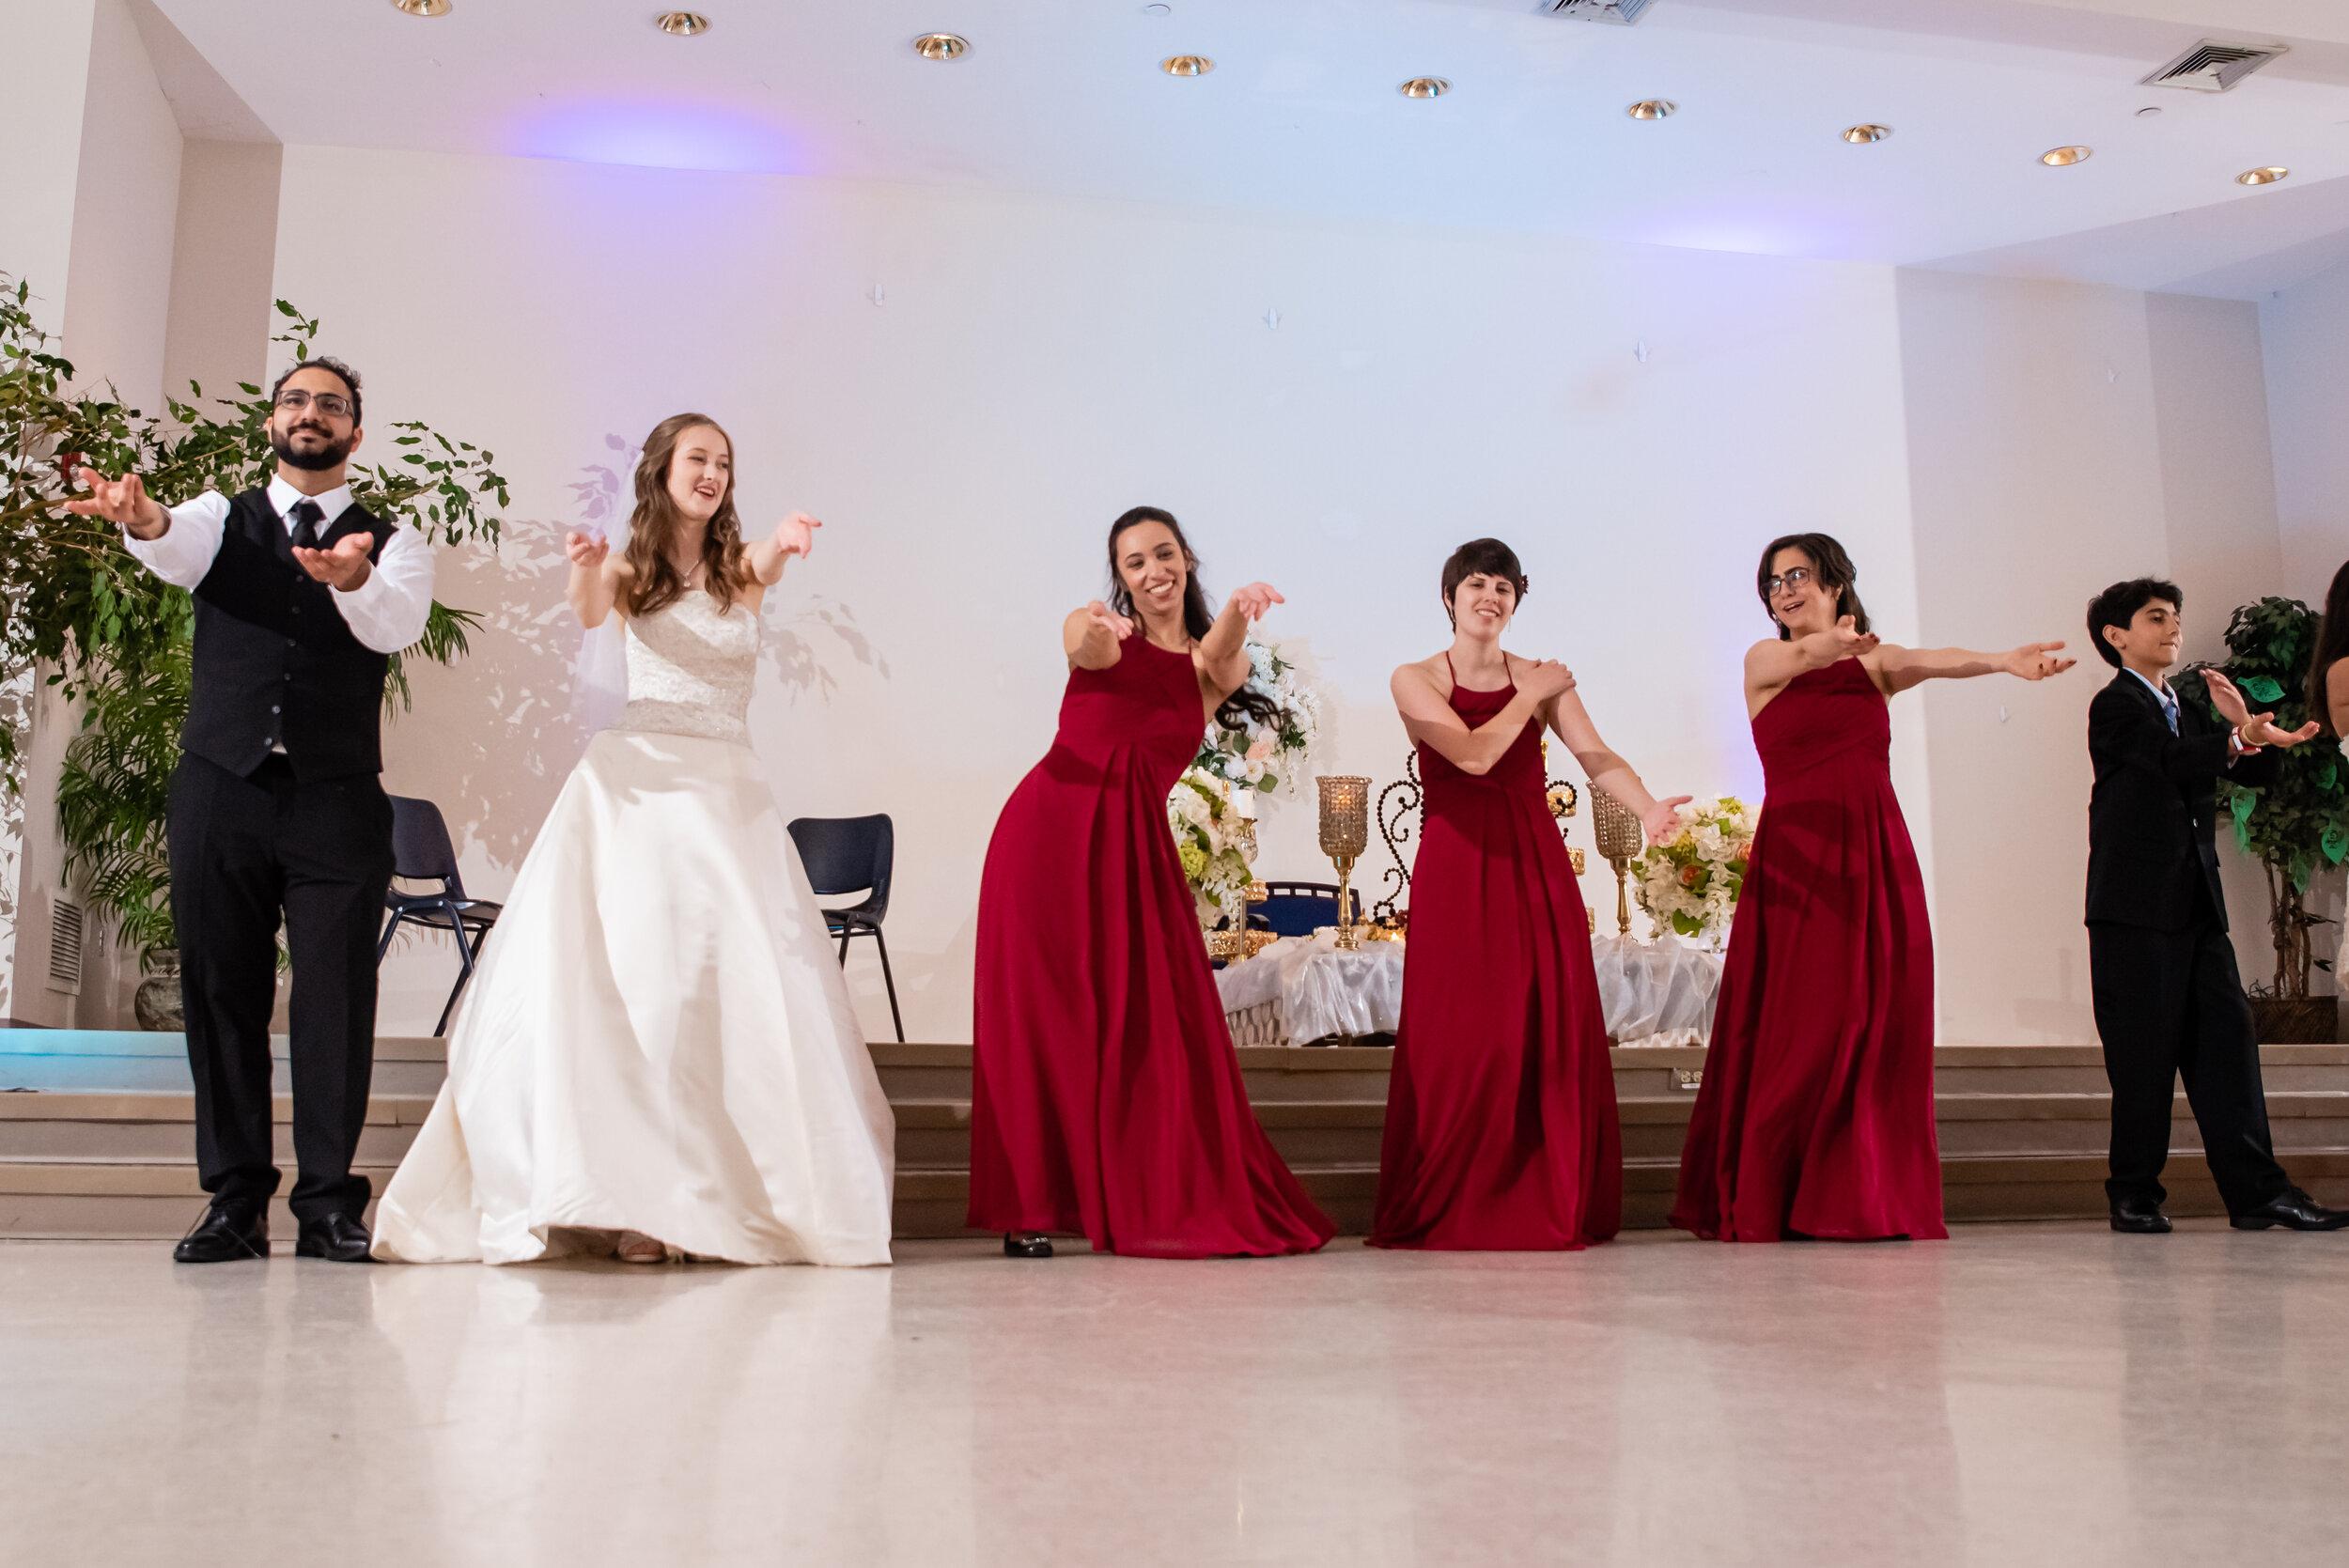 Kaitlyn-Davood-Wedding_7June2019-105.jpg